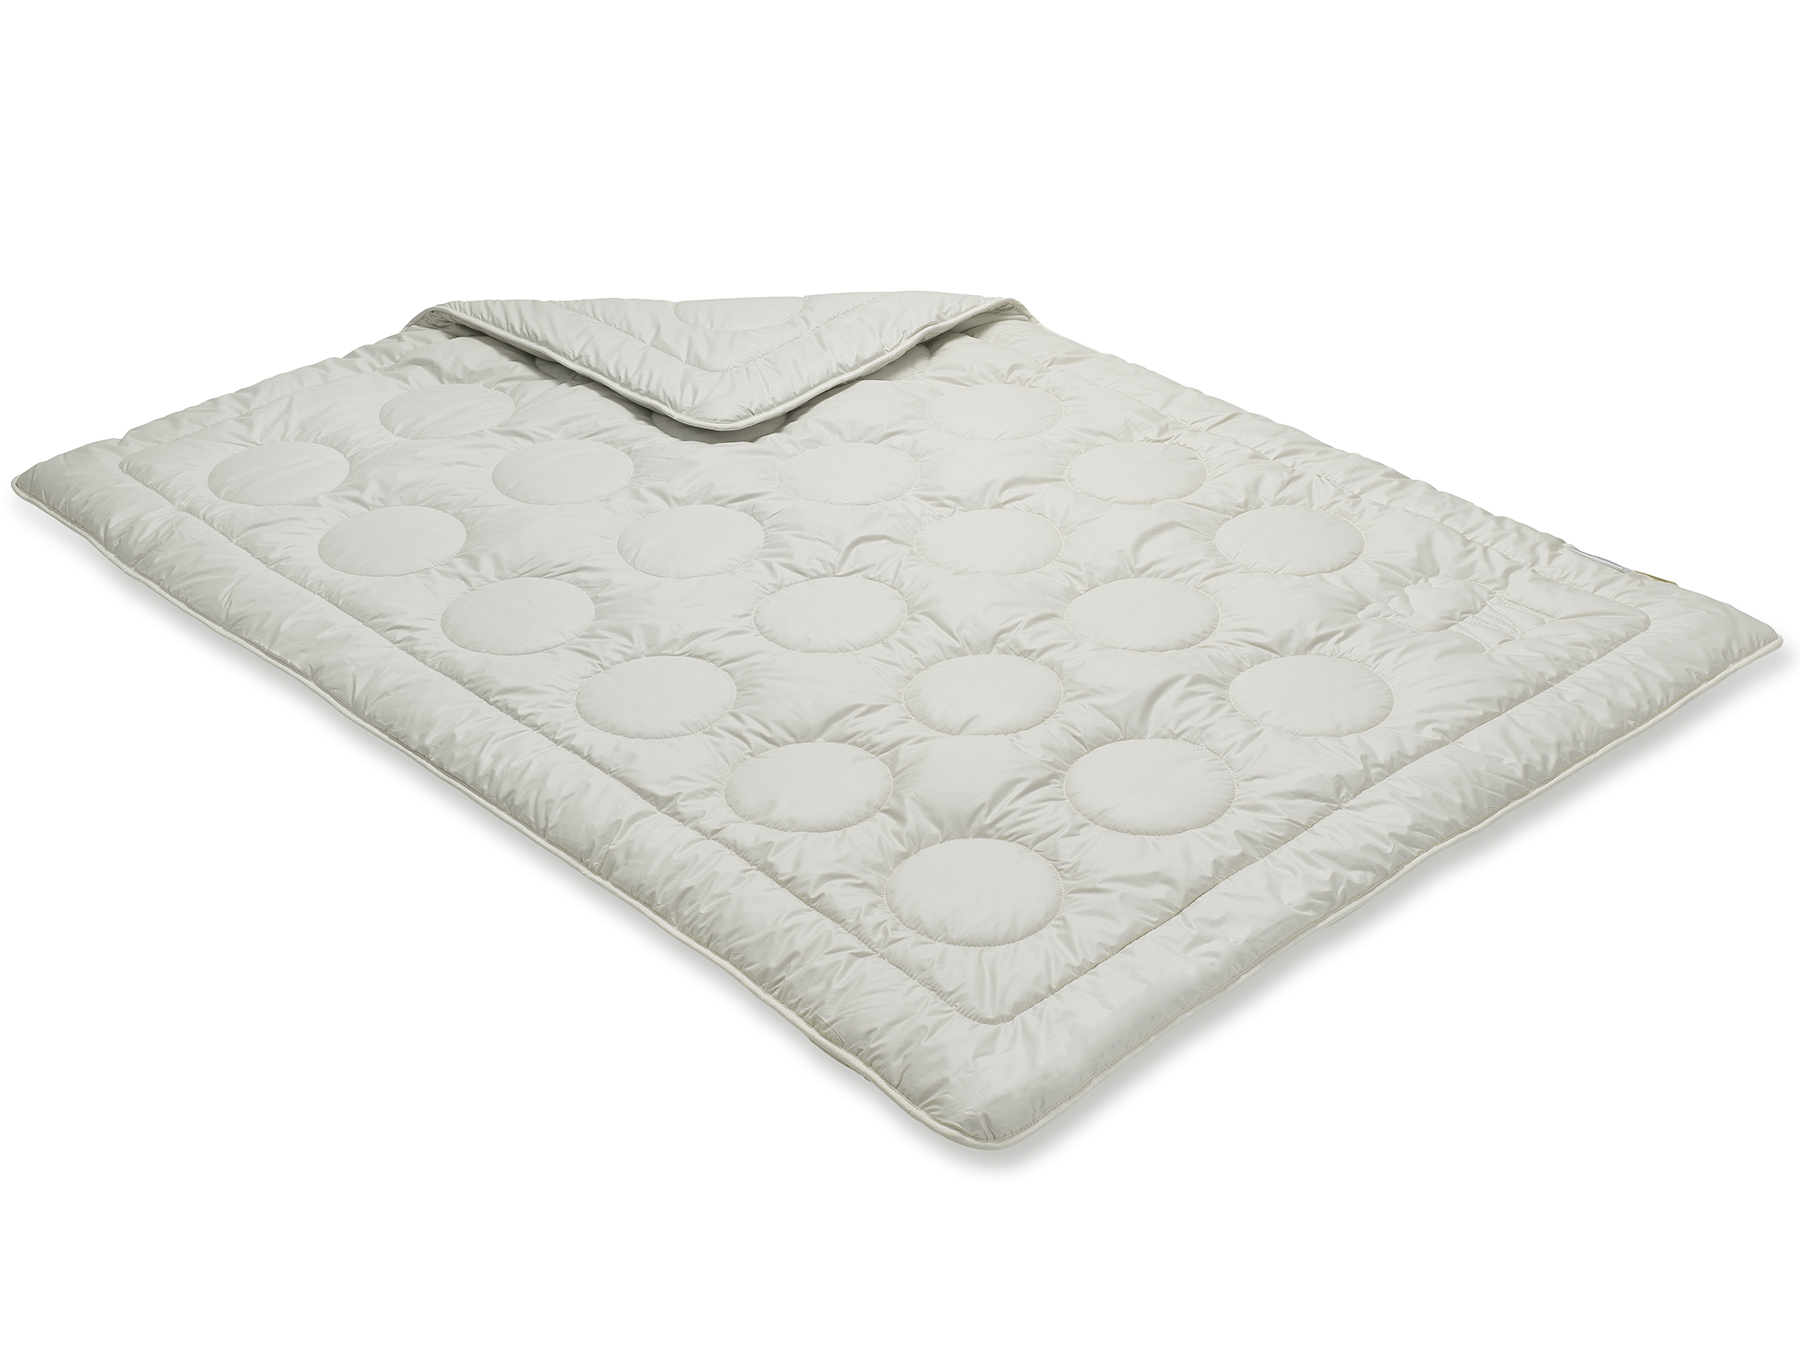 Wie man an der Steppung erkennt, wird die Decke in Einnadeltechnik hergestellt.